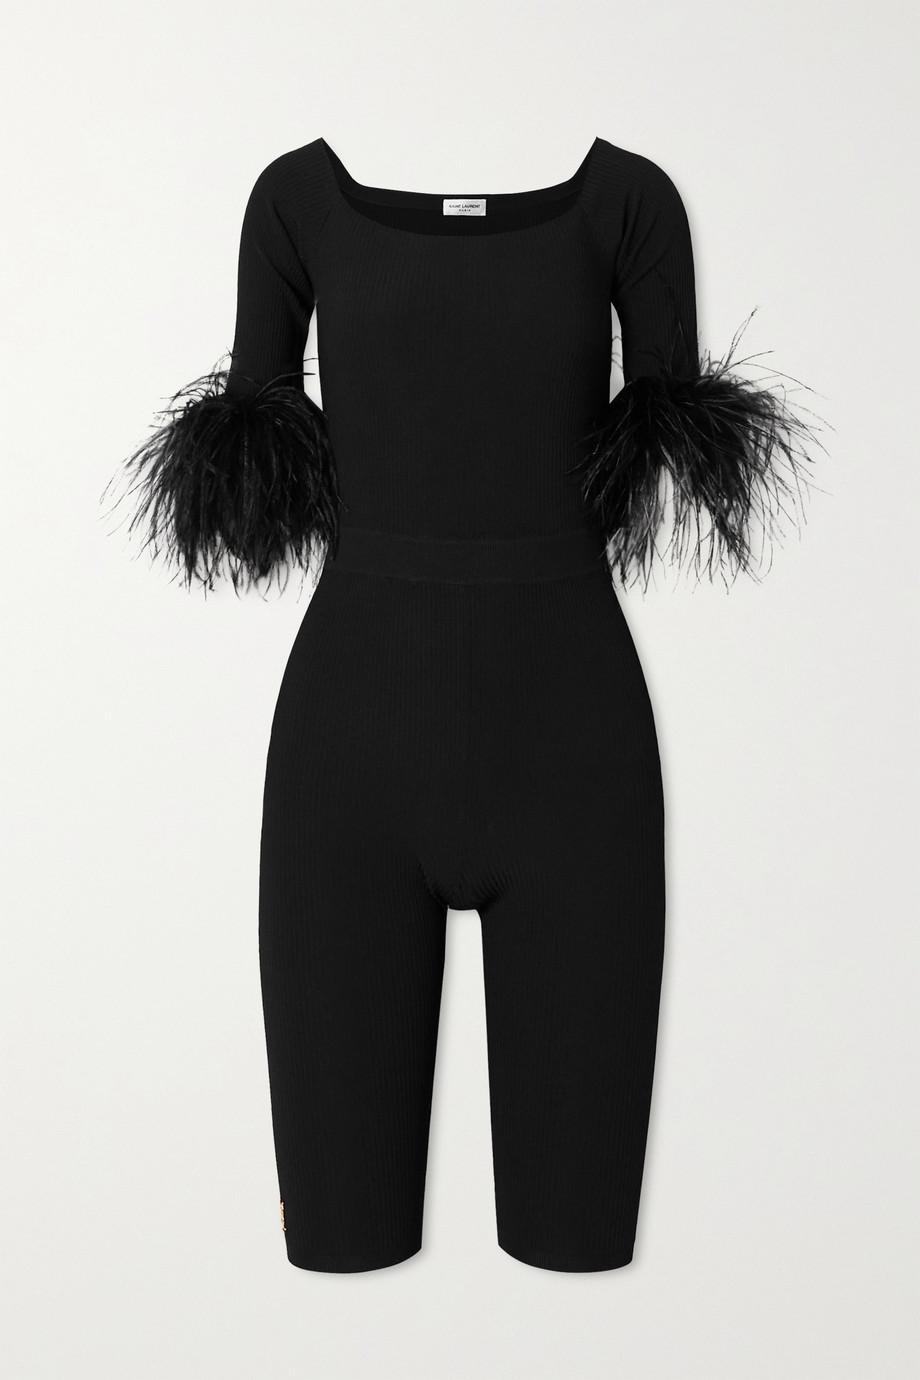 SAINT LAURENT Feather-trimmed stretch-knit playsuit